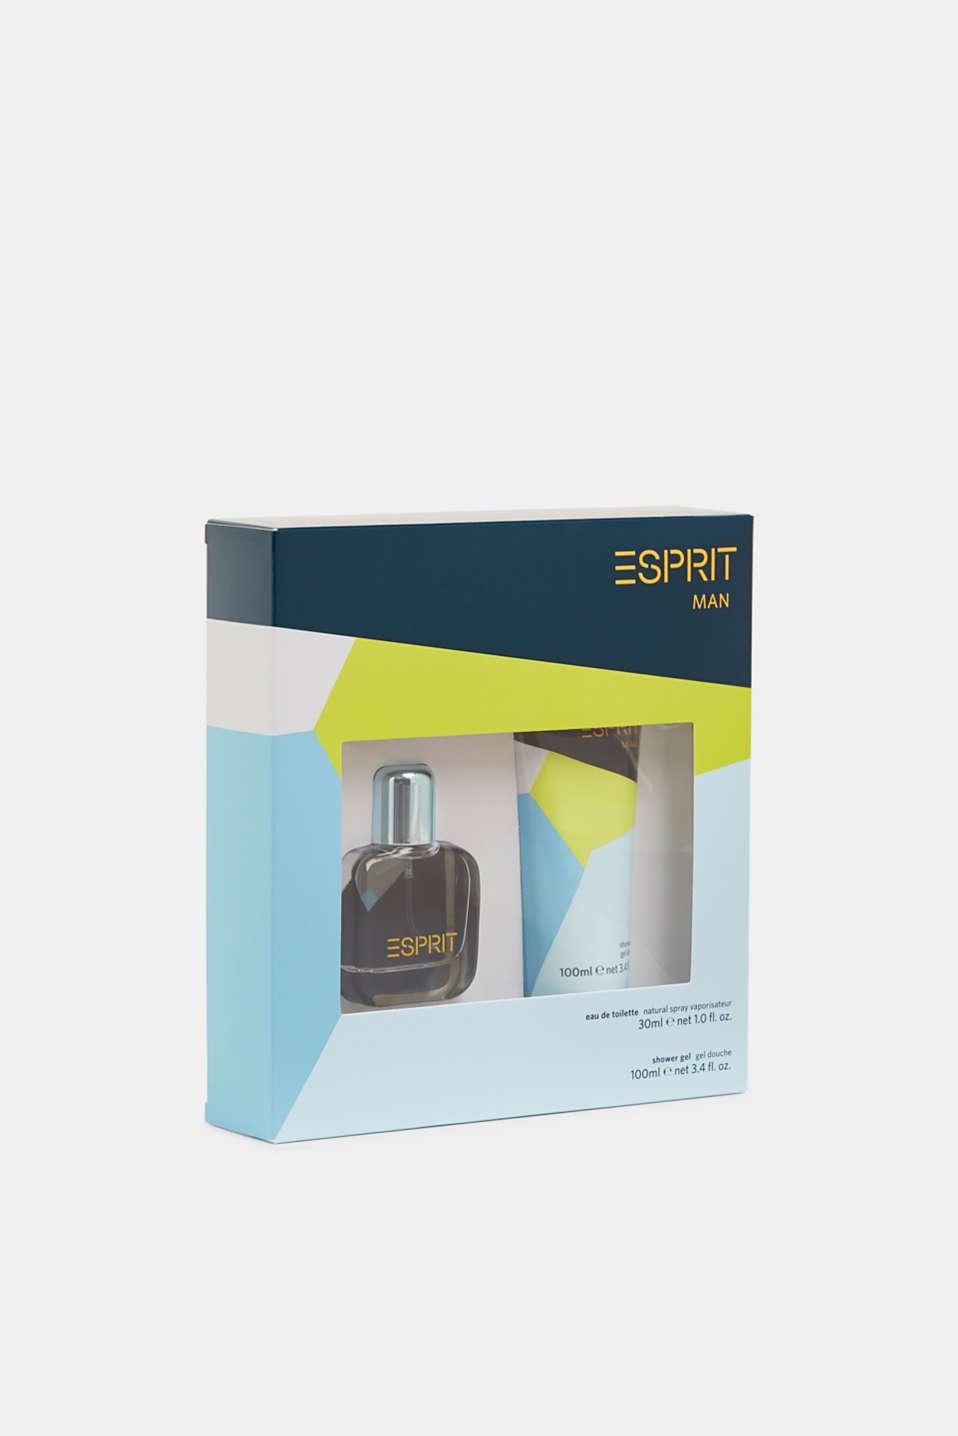 ESPRIT Man eau de toilette and shower gel, one colour, detail image number 0